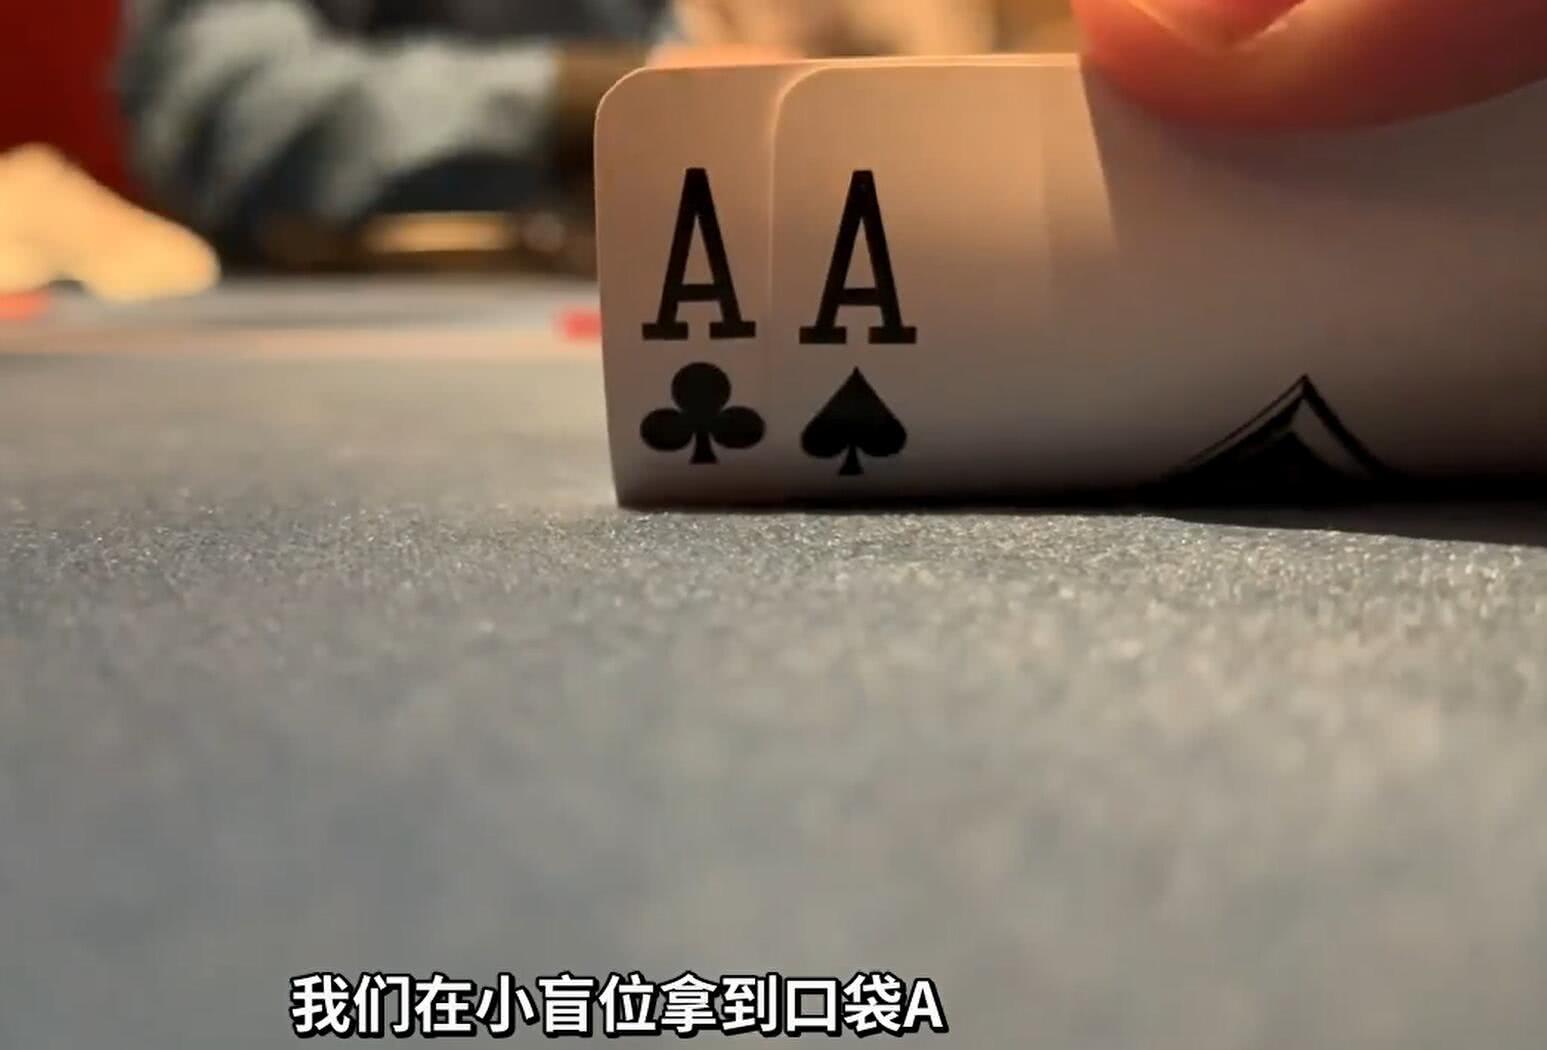 【辣眼视频】AA冷4bet进翻牌全低牌面还是彩虹,让对手明知要输还支付怎么做到的